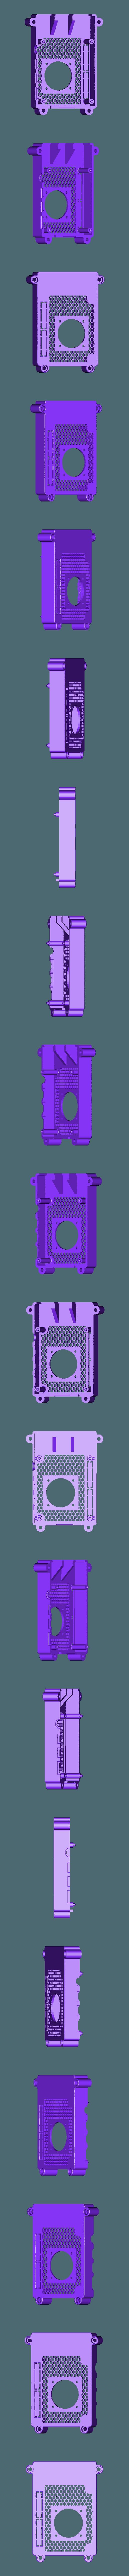 FULL_30MM.STL Télécharger fichier STL gratuit Étui Pi 4B Framboise Framboise • Objet pour imprimante 3D, mkellsy